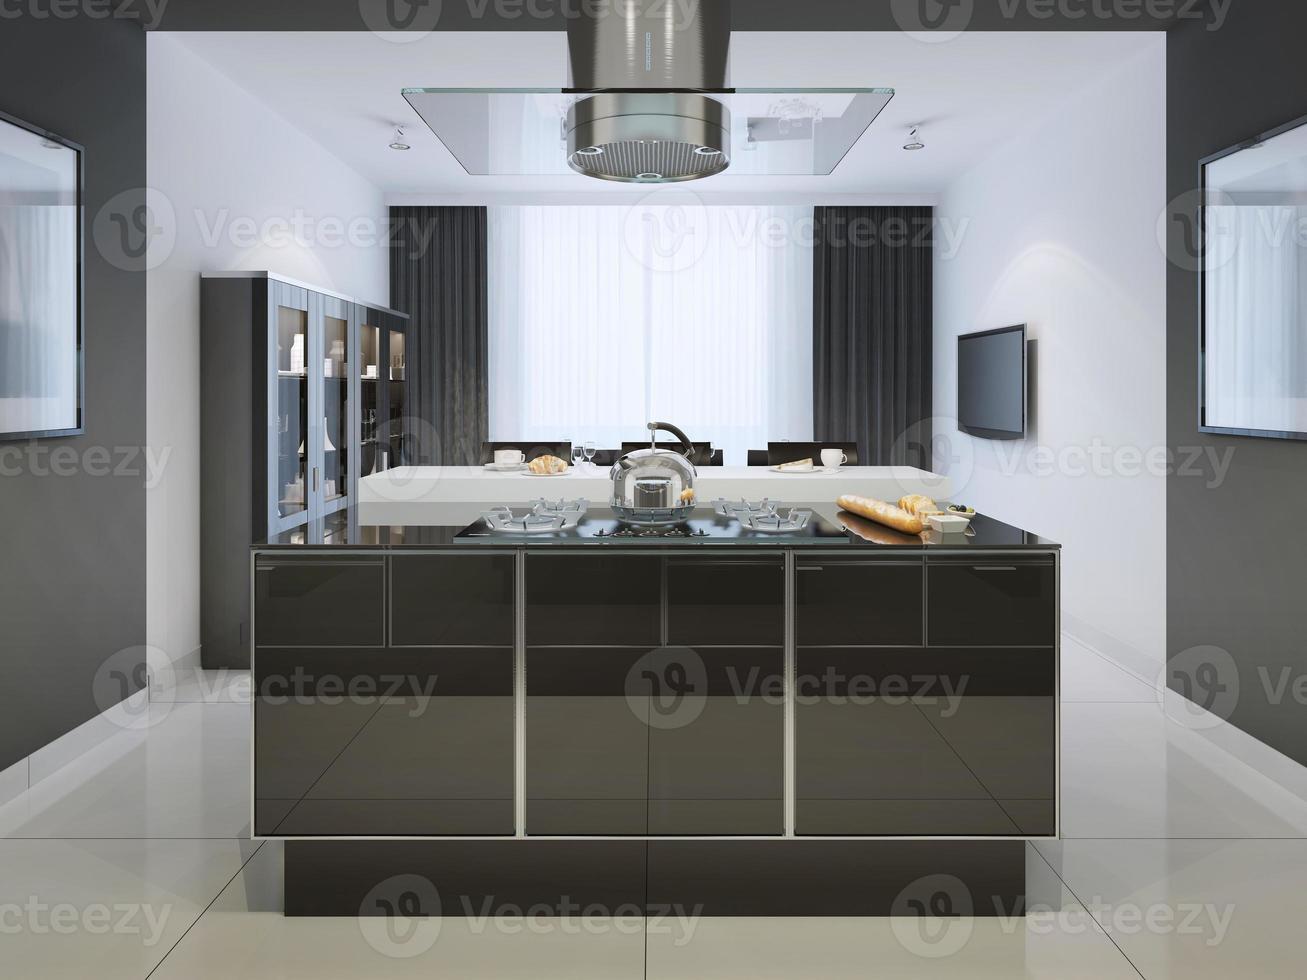 ideia do bar da ilha na cozinha techno foto